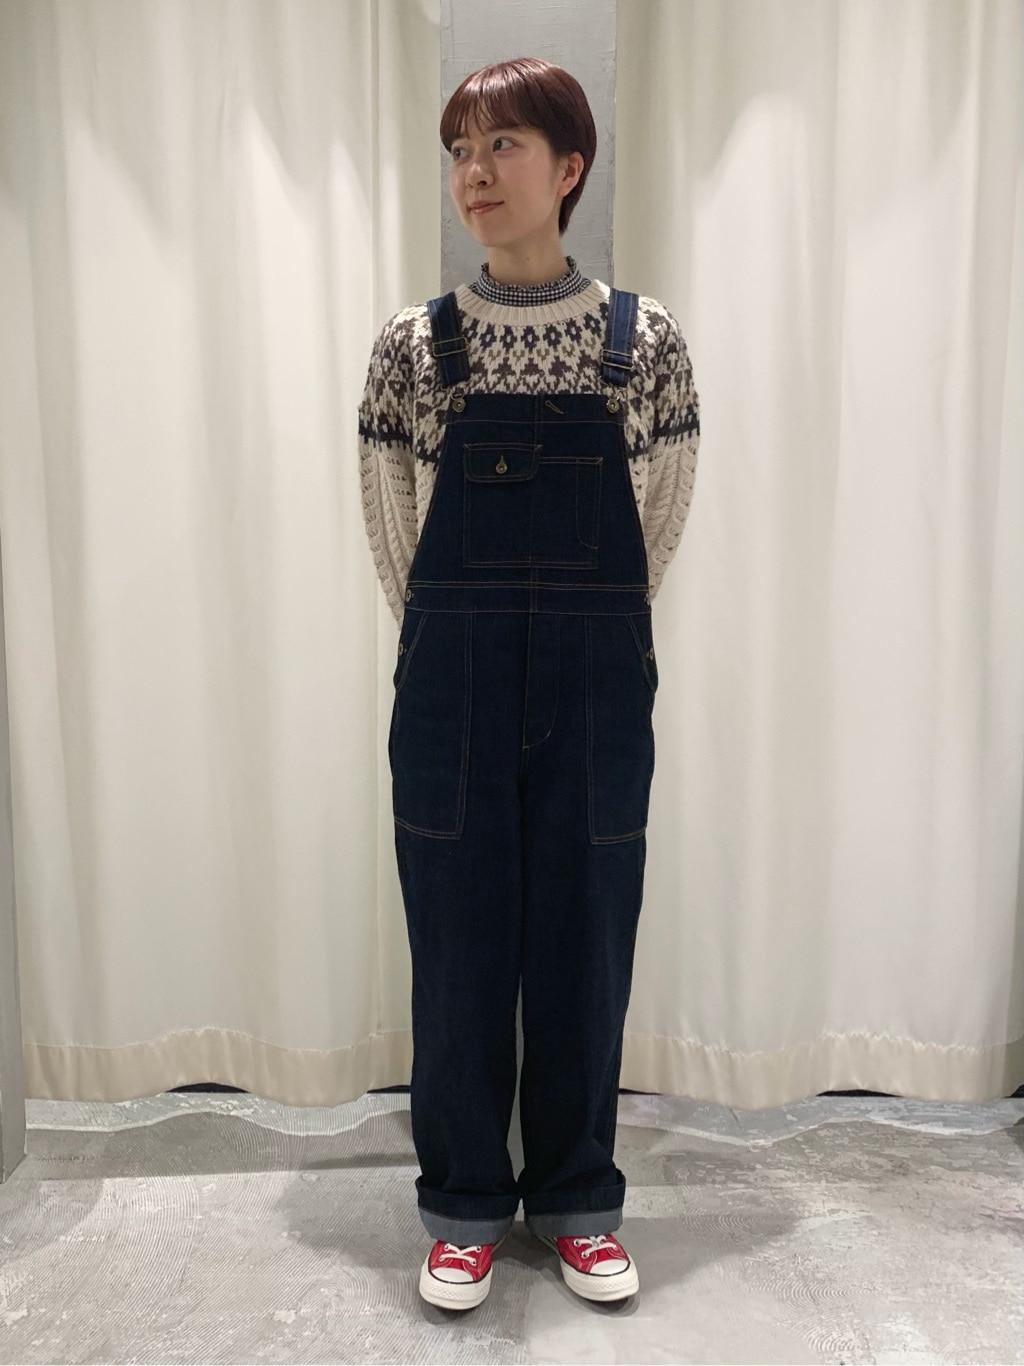 CHILD WOMAN , PAR ICI ルミネ横浜 2020.11.17